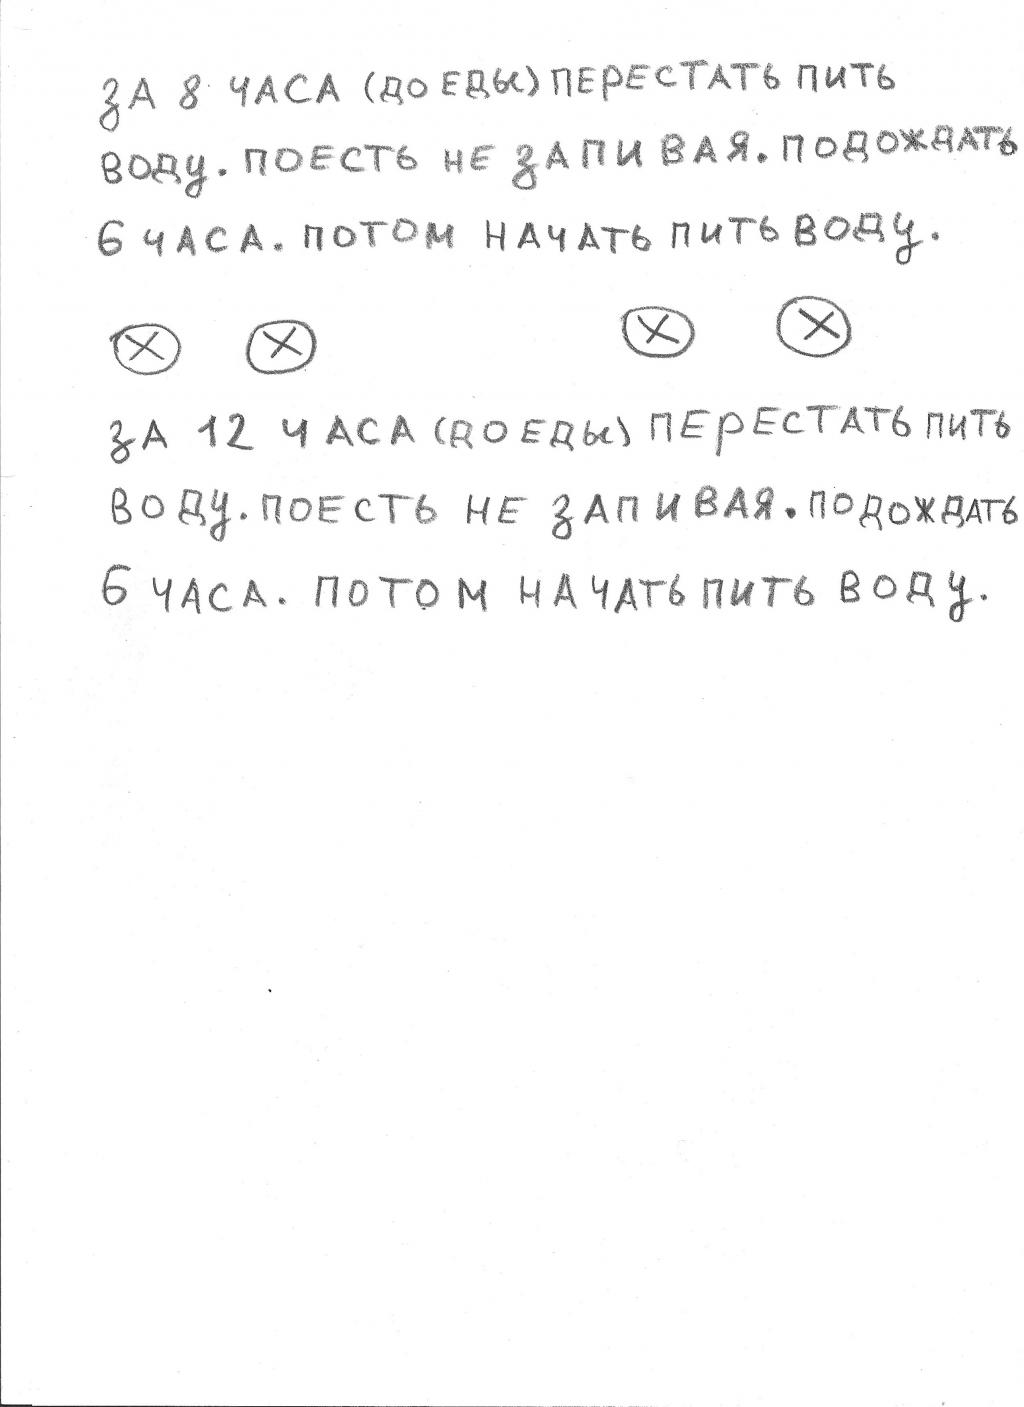 Prolotto.net отзывы - лотереи - первый независимый сайт отзывов украины